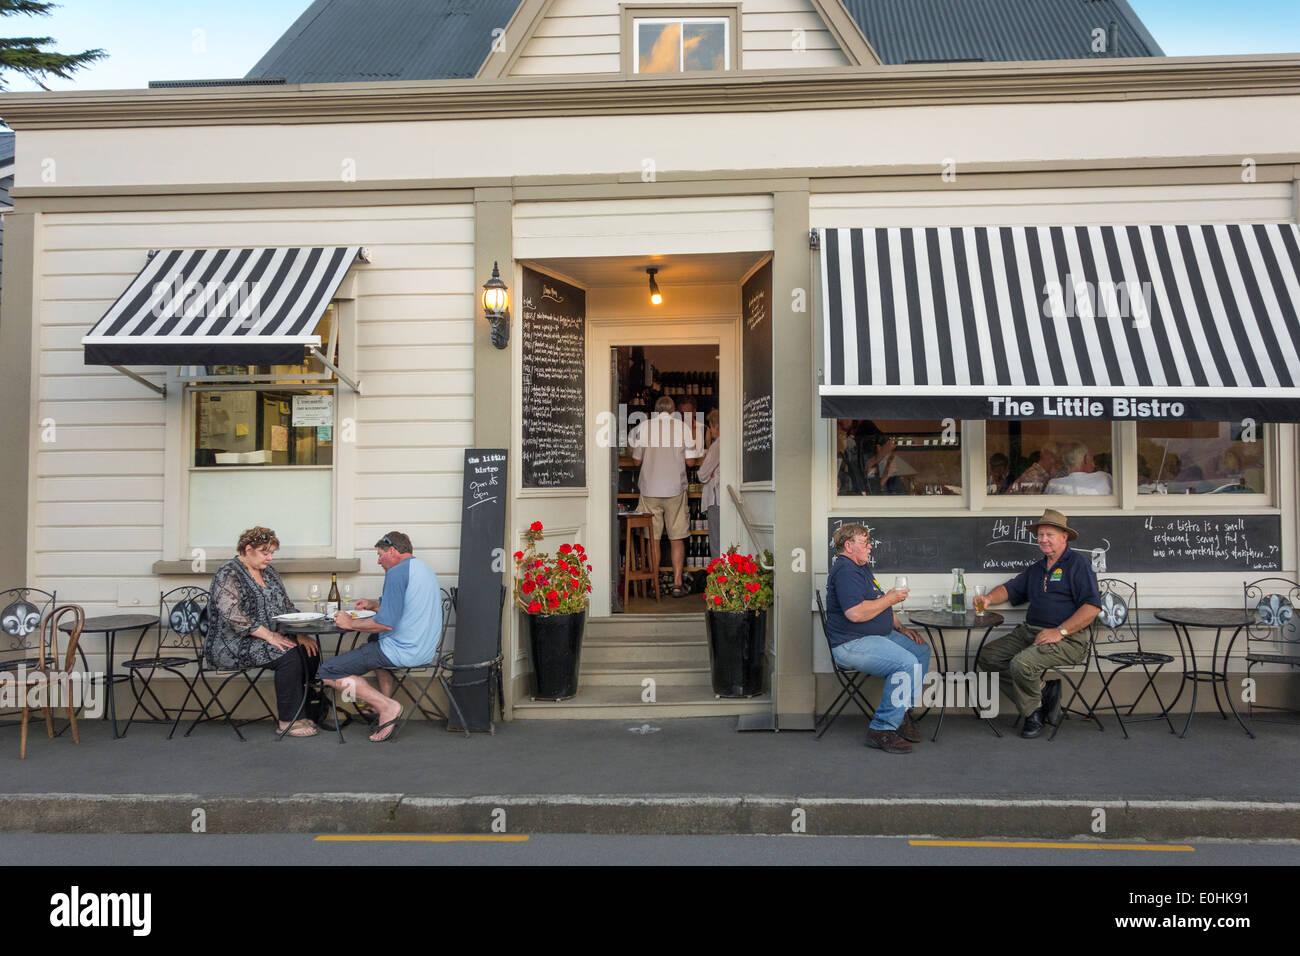 Akaroa Neuseeland das kleine Bistro beste französische Restaurant in der Nacht mit Kreuzfahrt-Passagiere Essen Stockbild